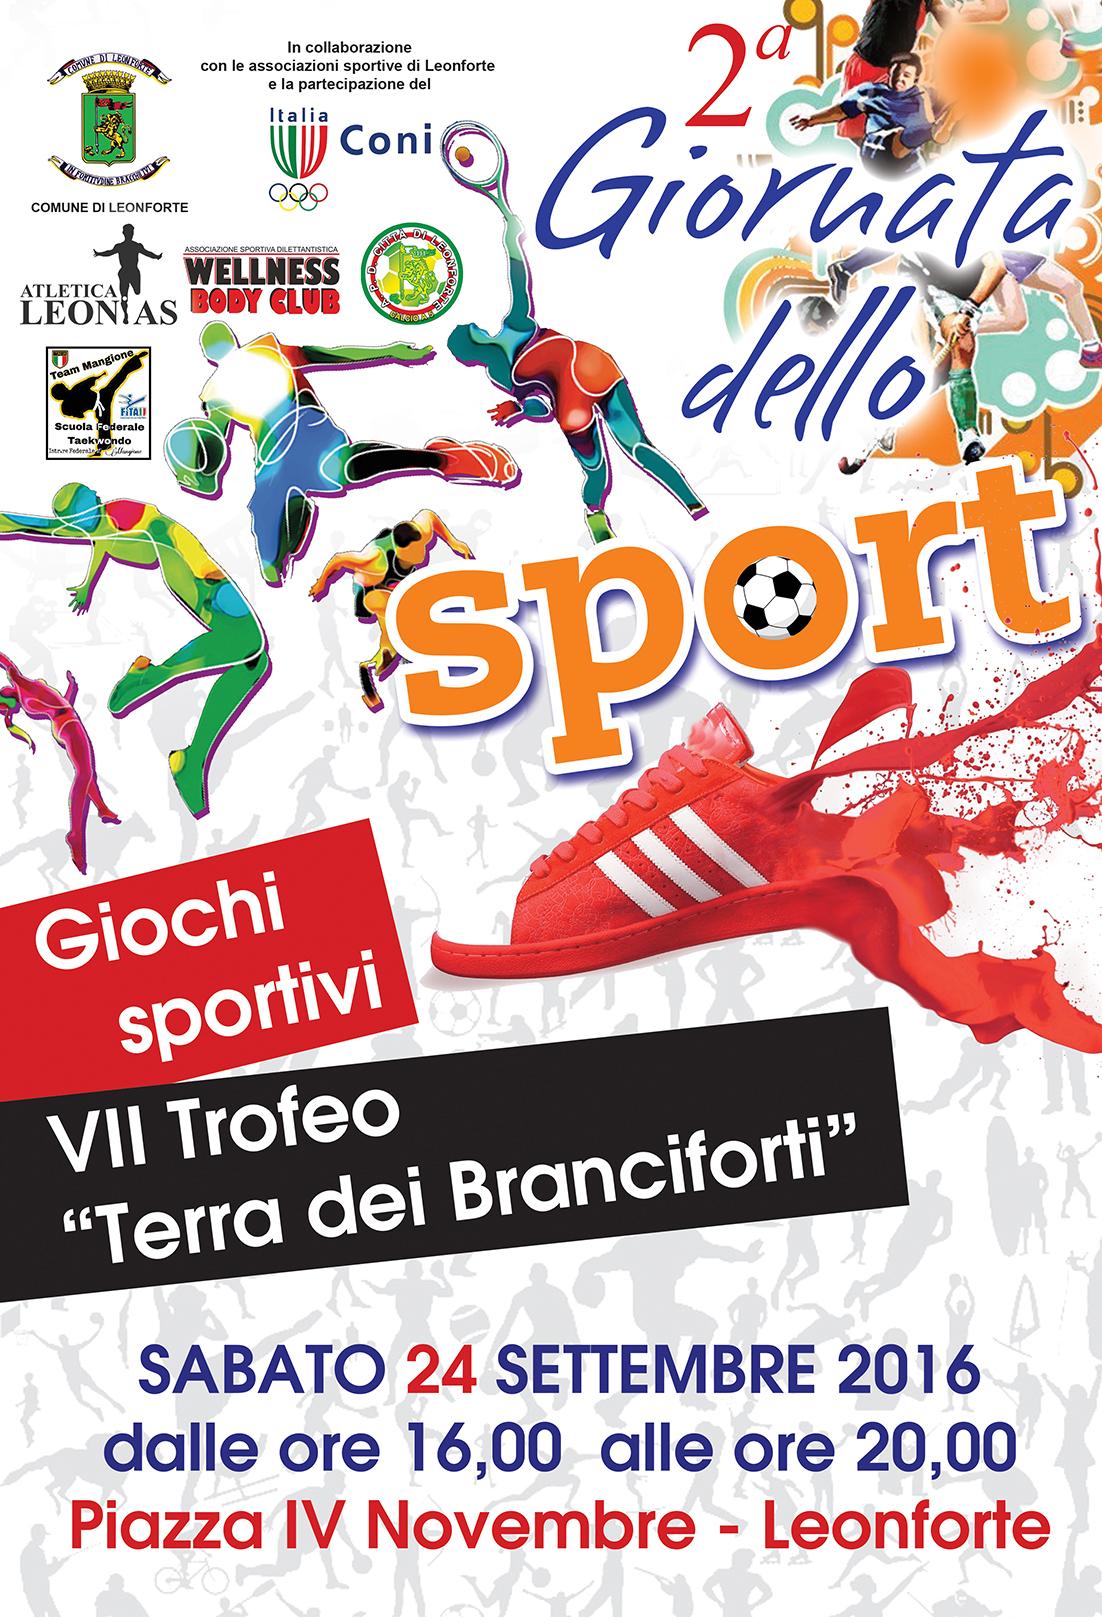 """Seconda Giornata dello Sport e VII trofeo """"Terra dei Branciforti"""""""